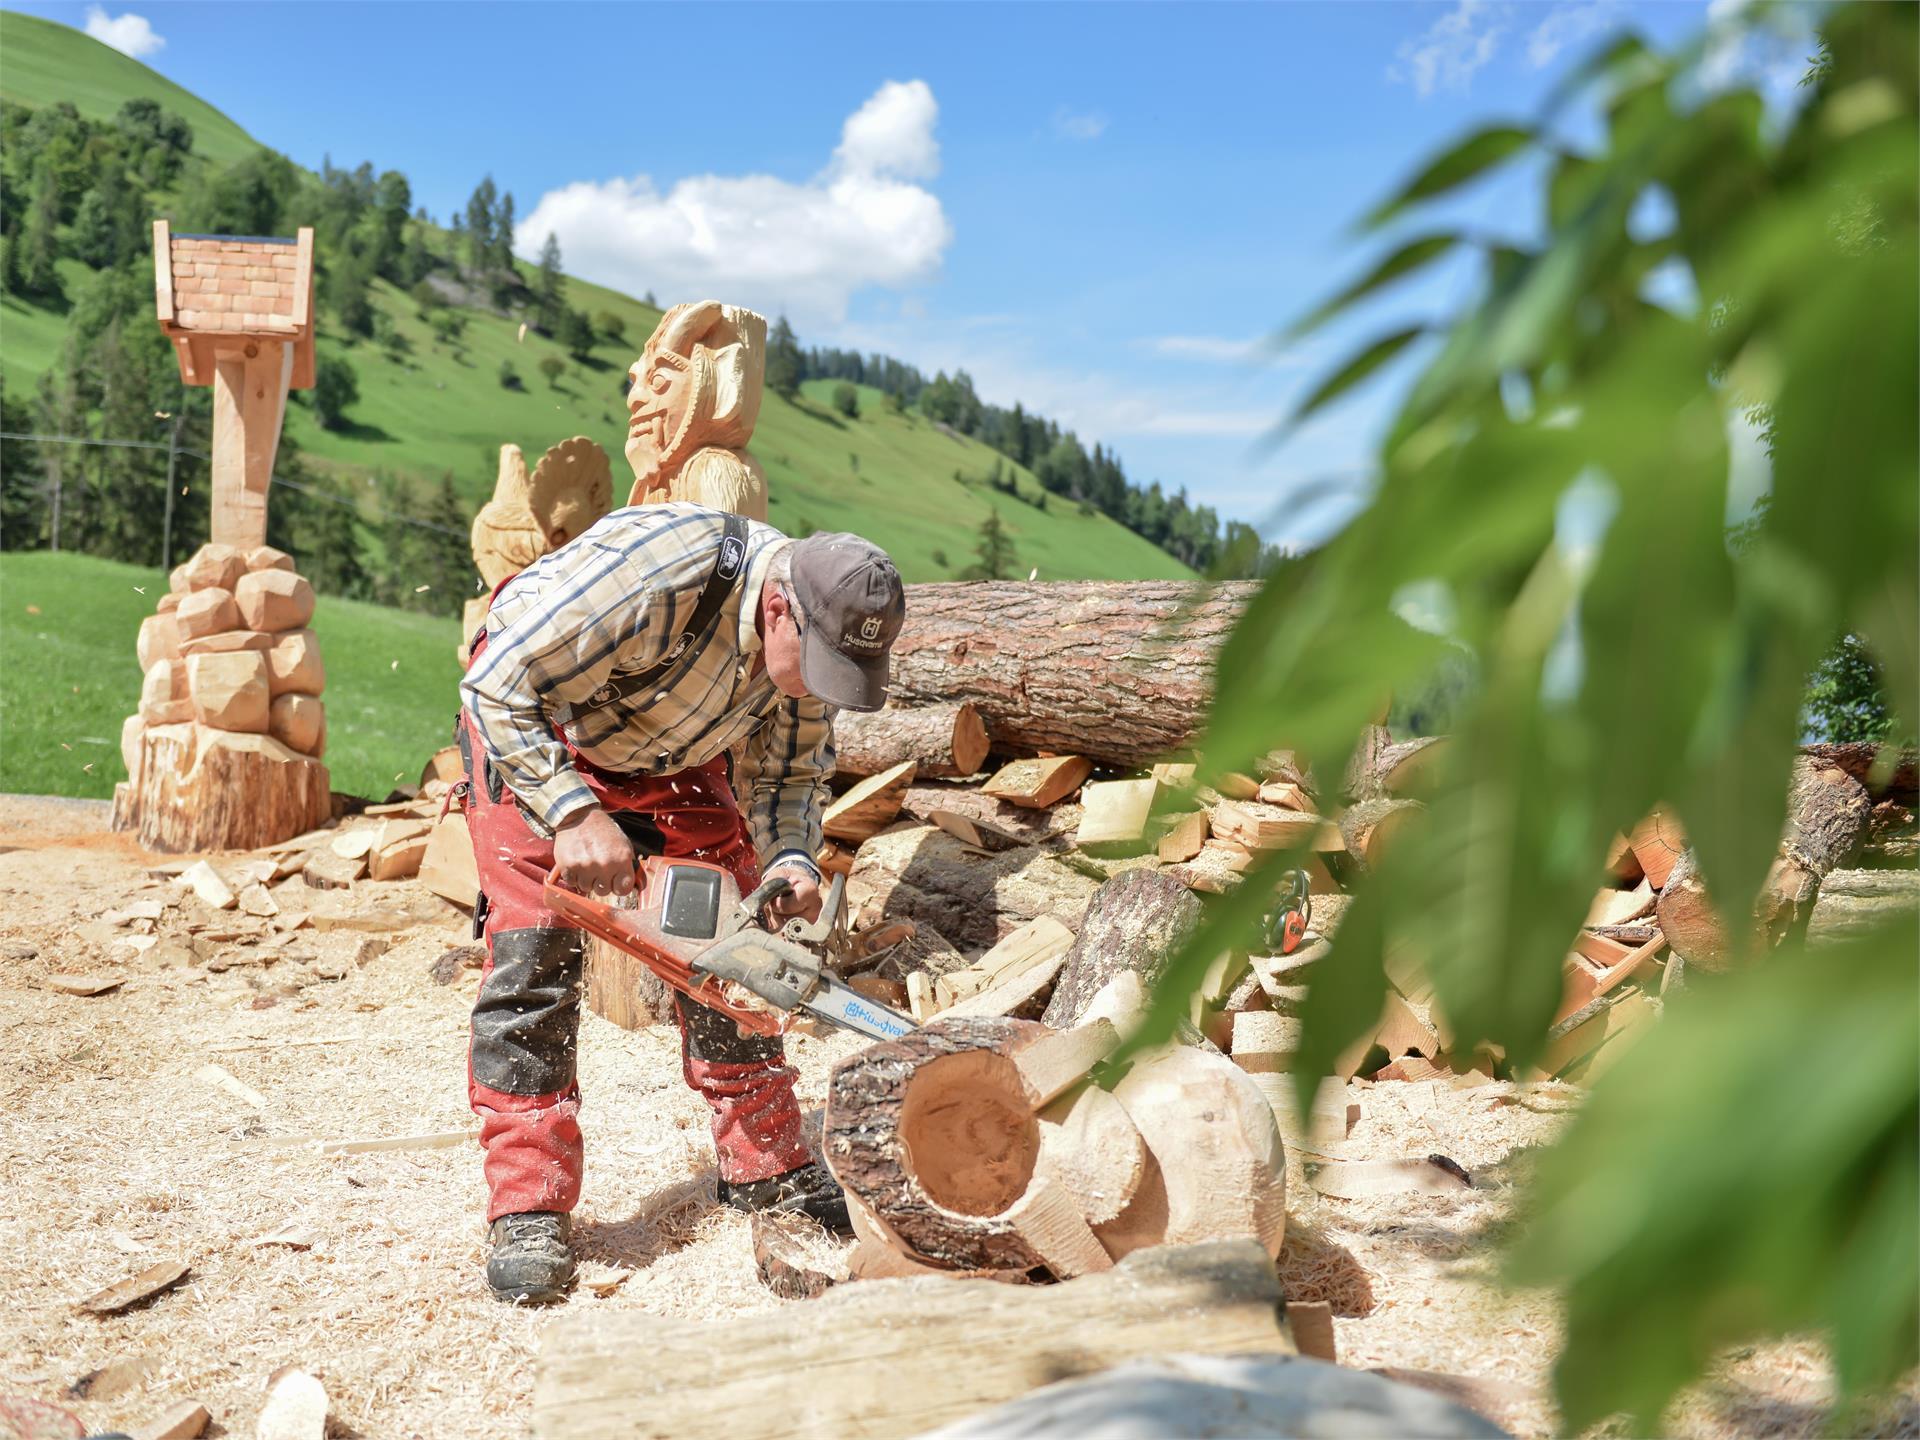 Dimostrazione lavorazione del legno